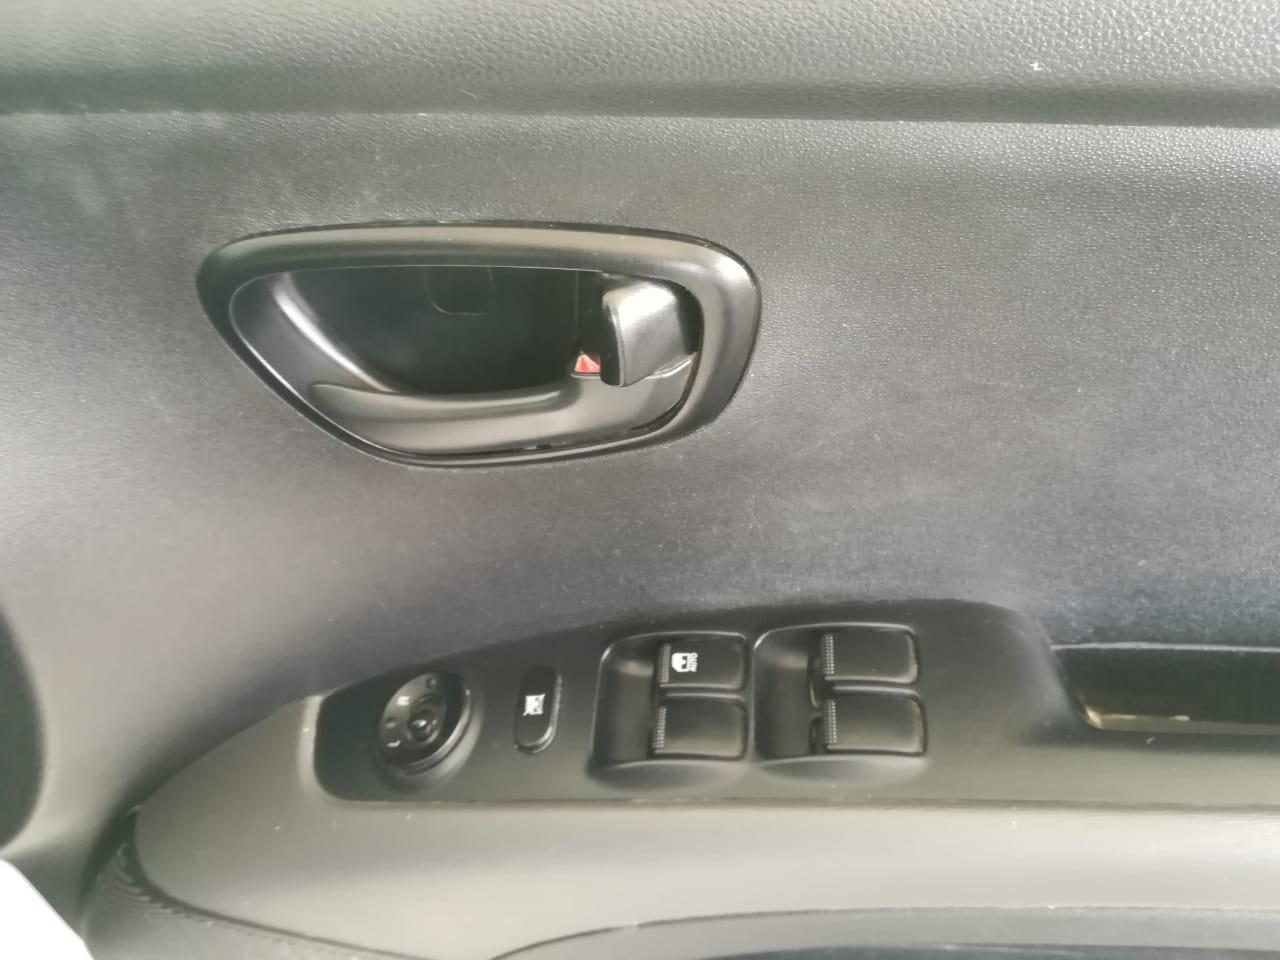 2017 Hyundai i10 1.1 GLS